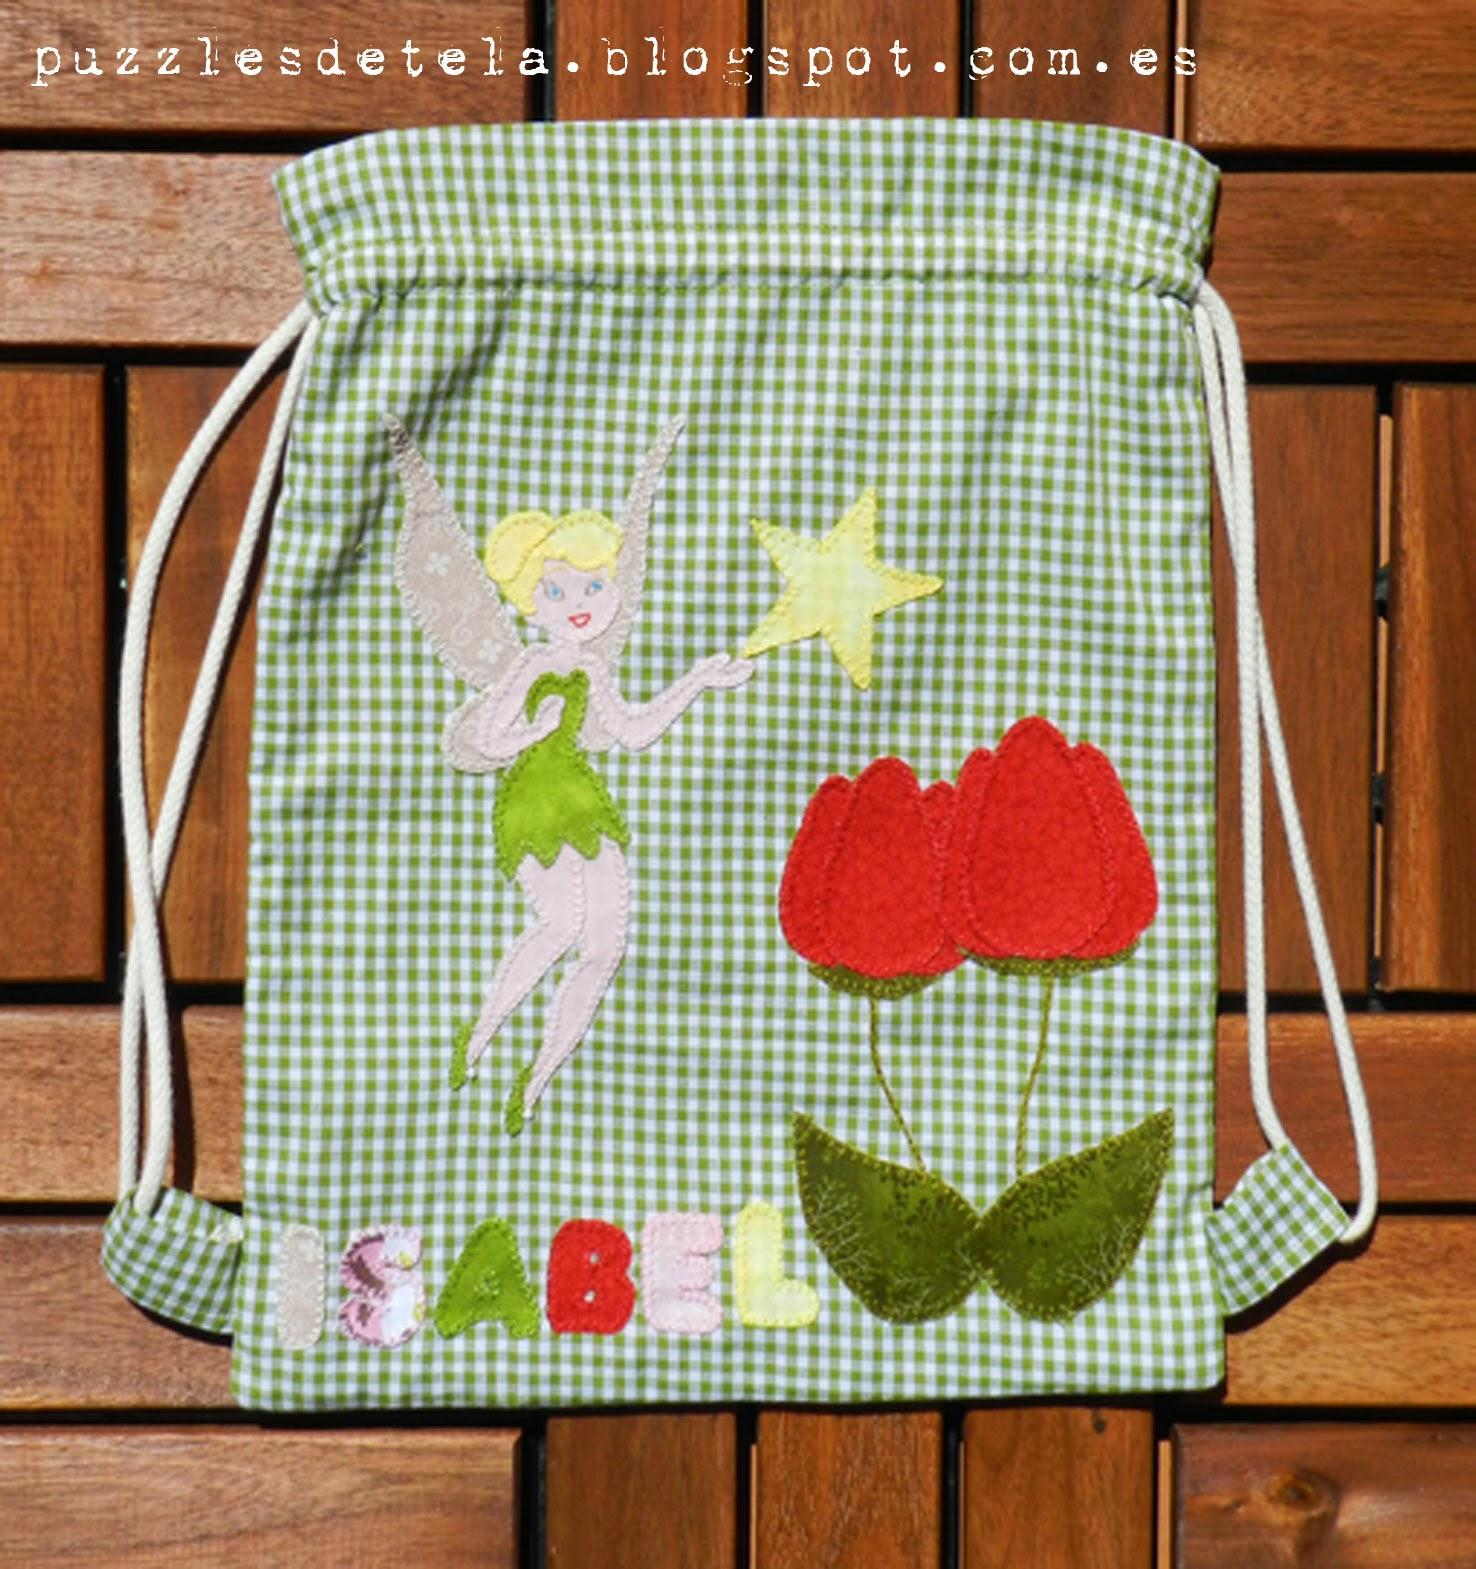 Bolsas de merienda patchwork, patchwork, mochilas, bolsas de merienda, bolsas patchwork, puzzles de tela, campanilla, bolsa de merienda Campanilla, Hadas, bolsa Hadas